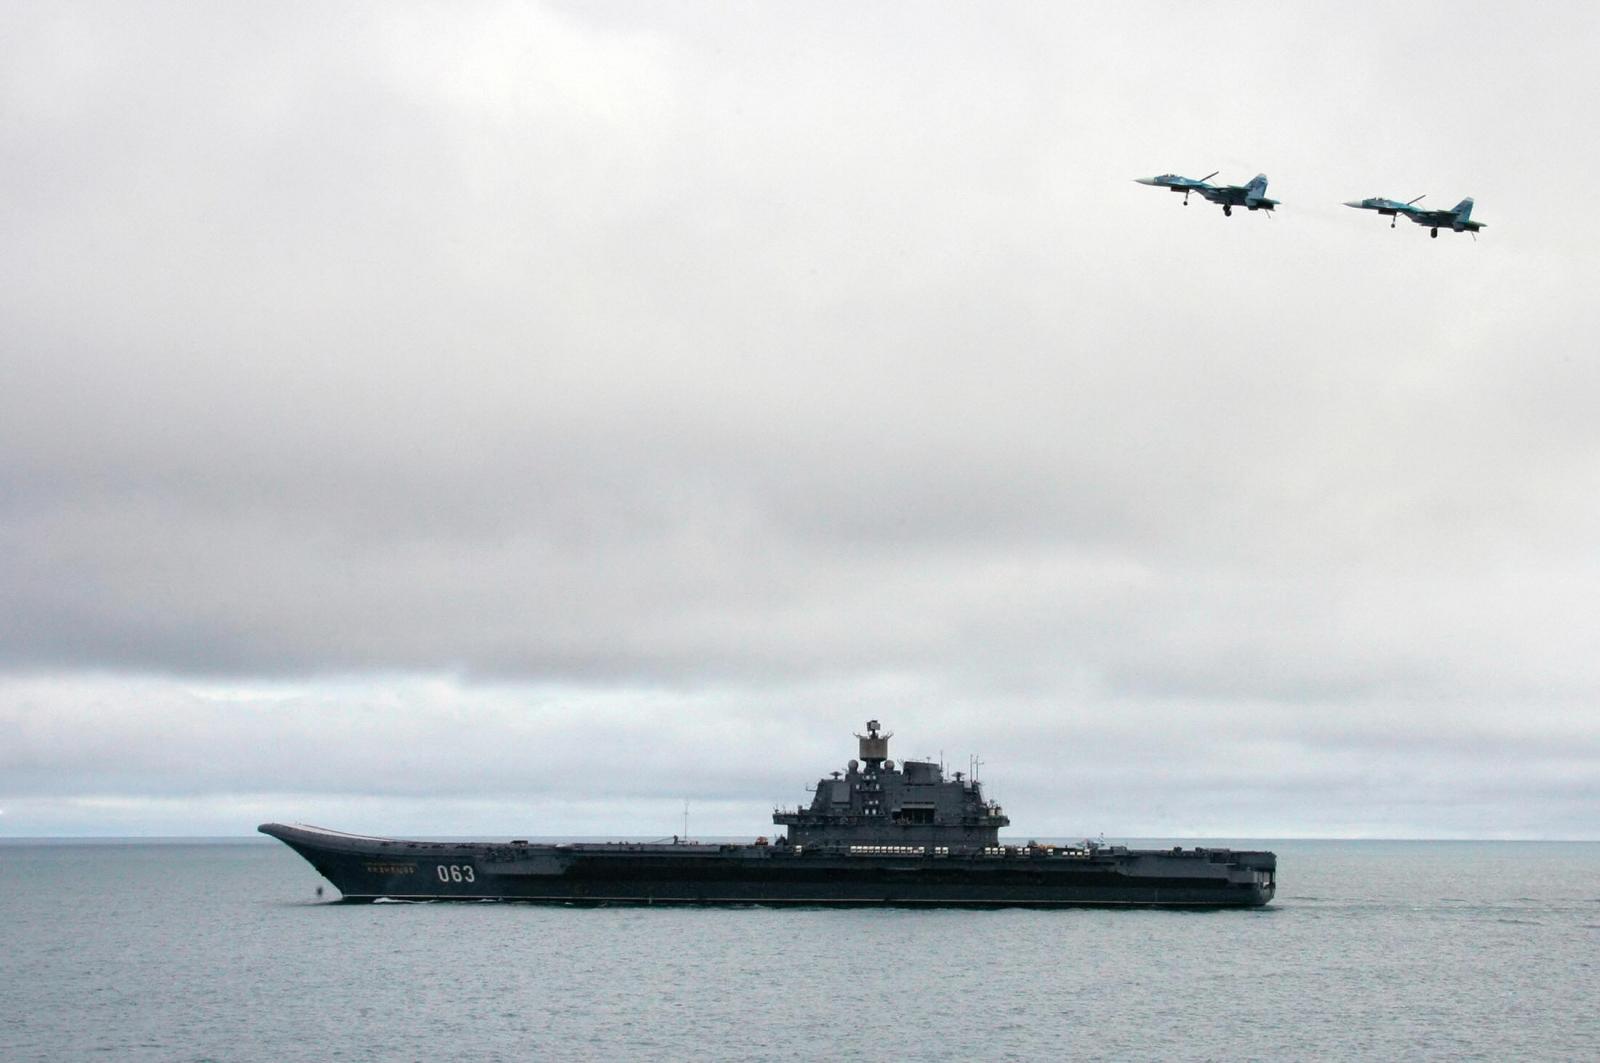 Admiral Kuzhetsov